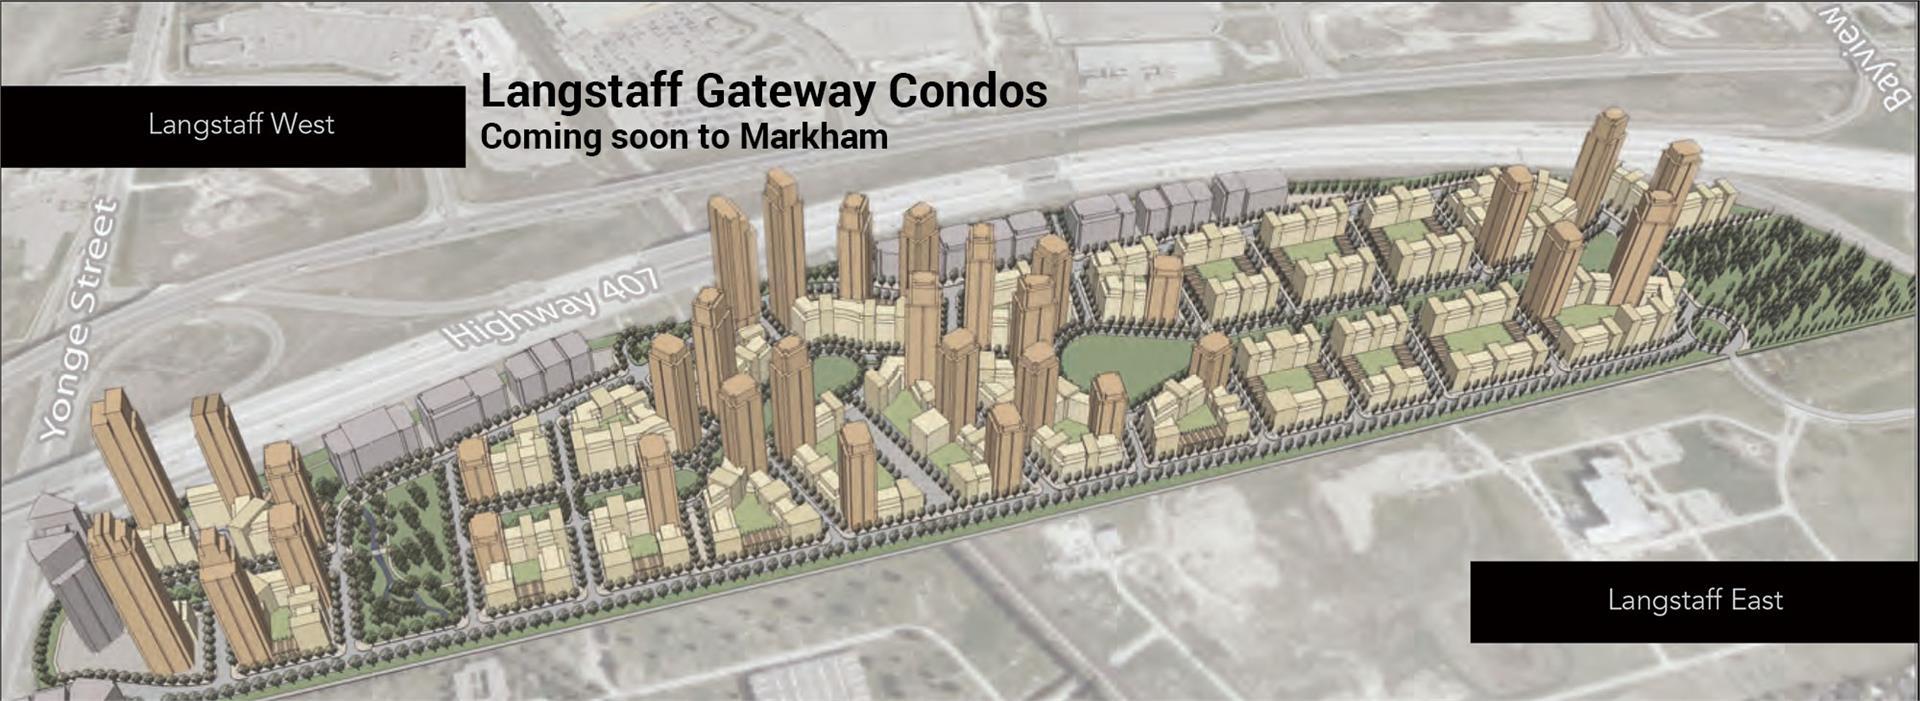 Langstaff Gateway Condos plan